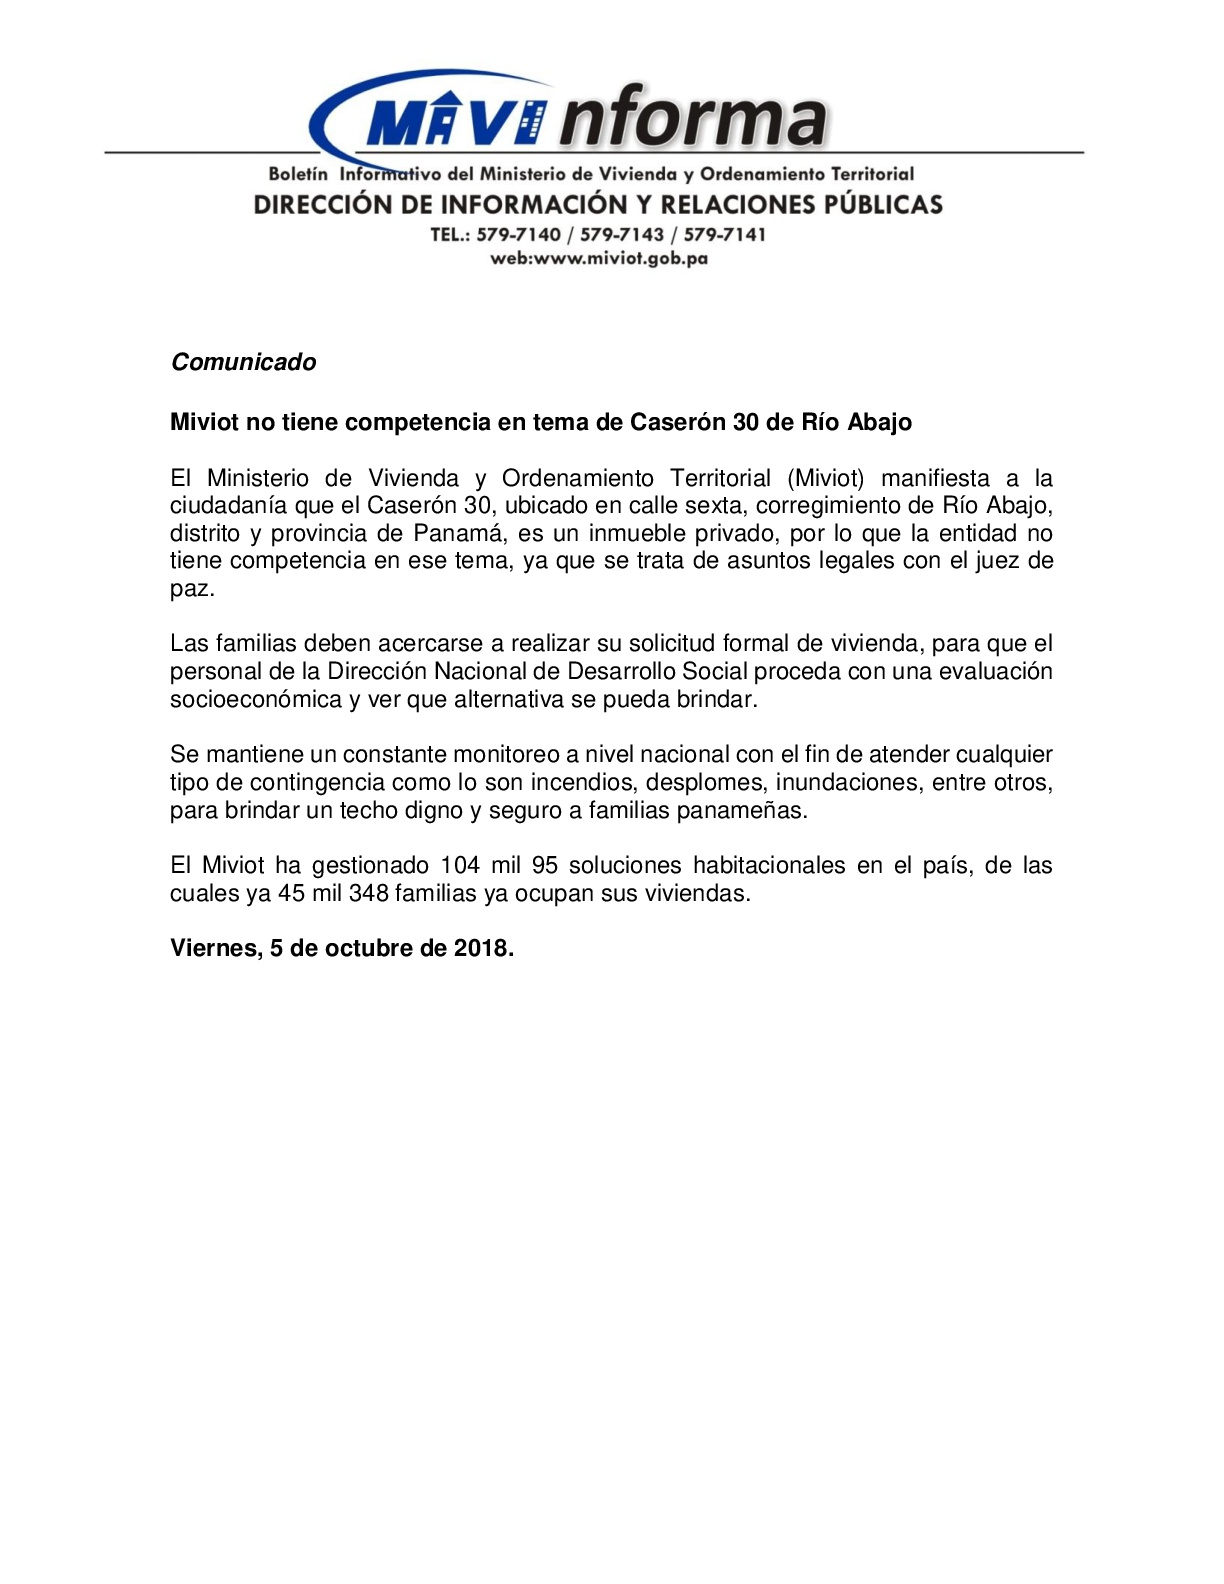 Comunicado Caseron 30 Rio abajo-001 (1)